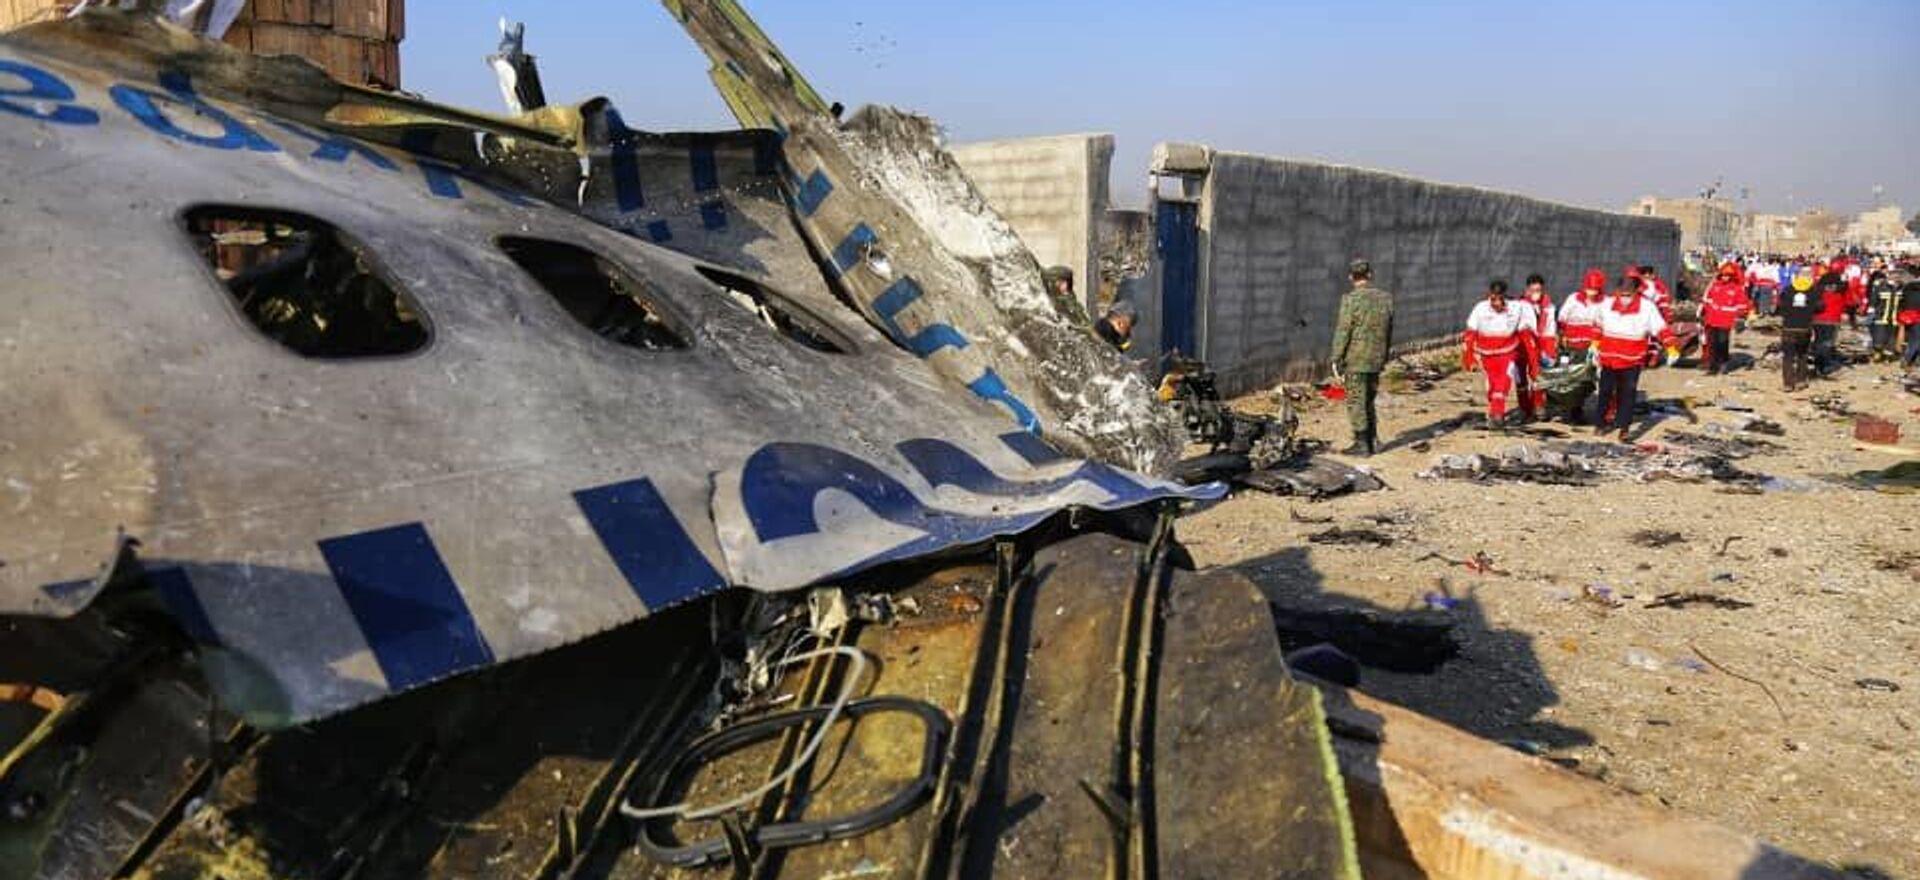 Na miejscu katastrofy samolotu pasażerskiego Ukrainy Boeinga 737-800 w Iranie - Sputnik Polska, 1920, 21.05.2021